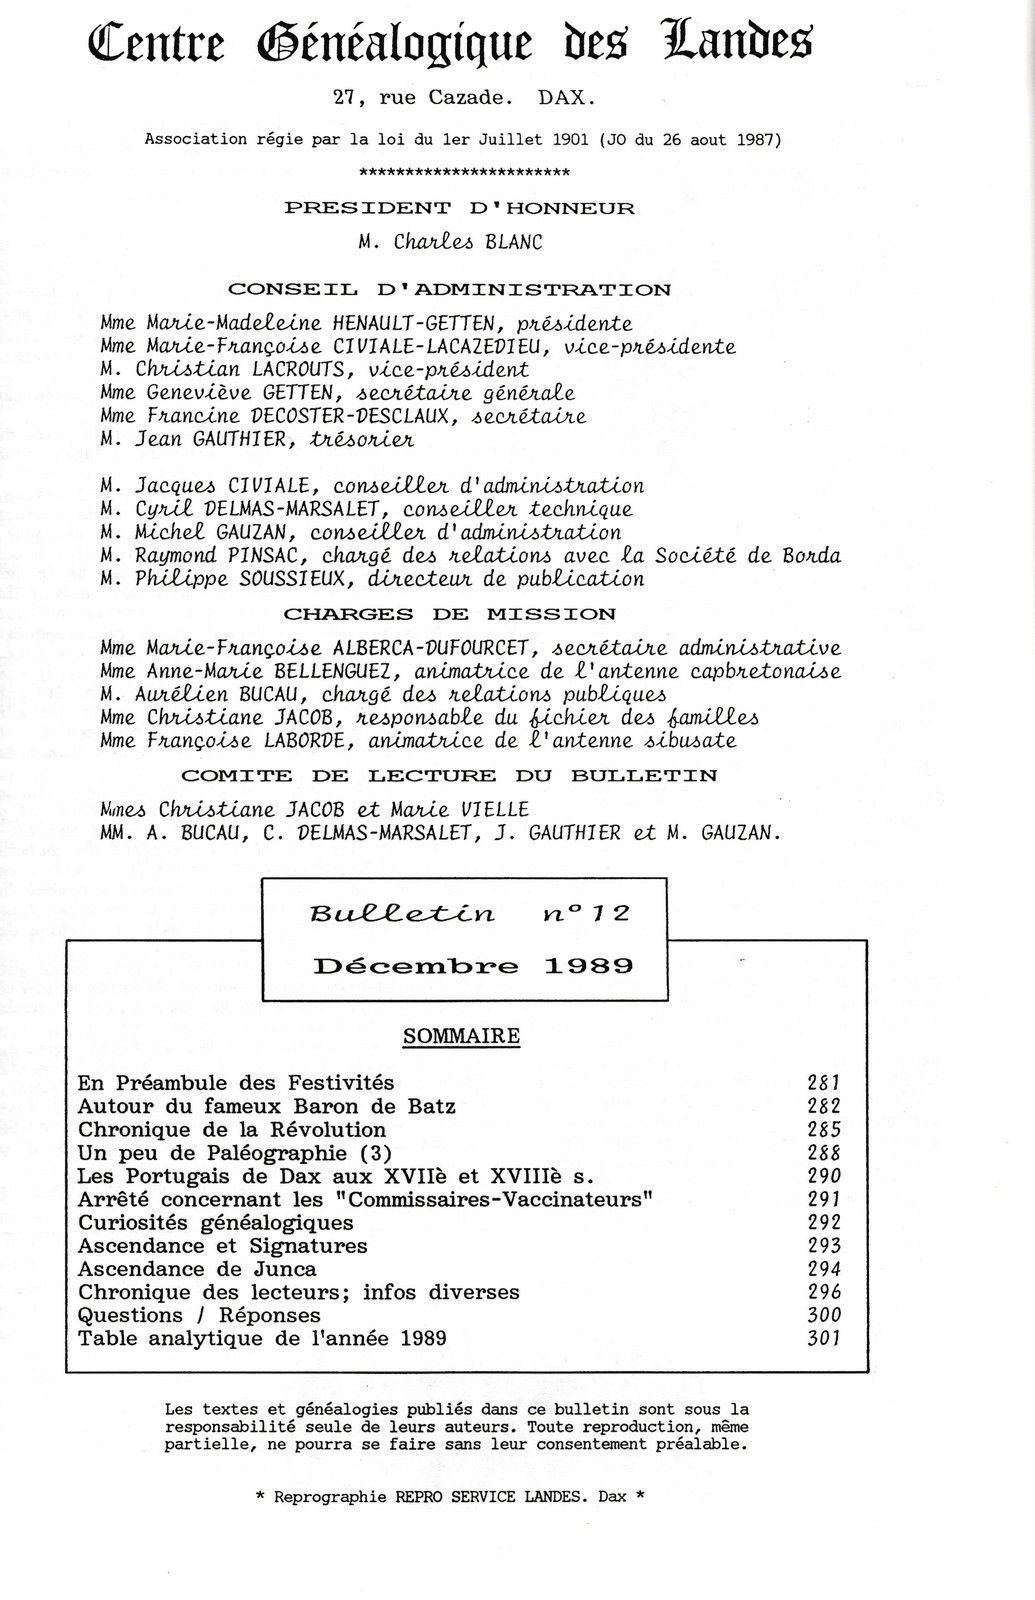 Reproduction du Bulletin du CGL N° 12 Décembre 1989